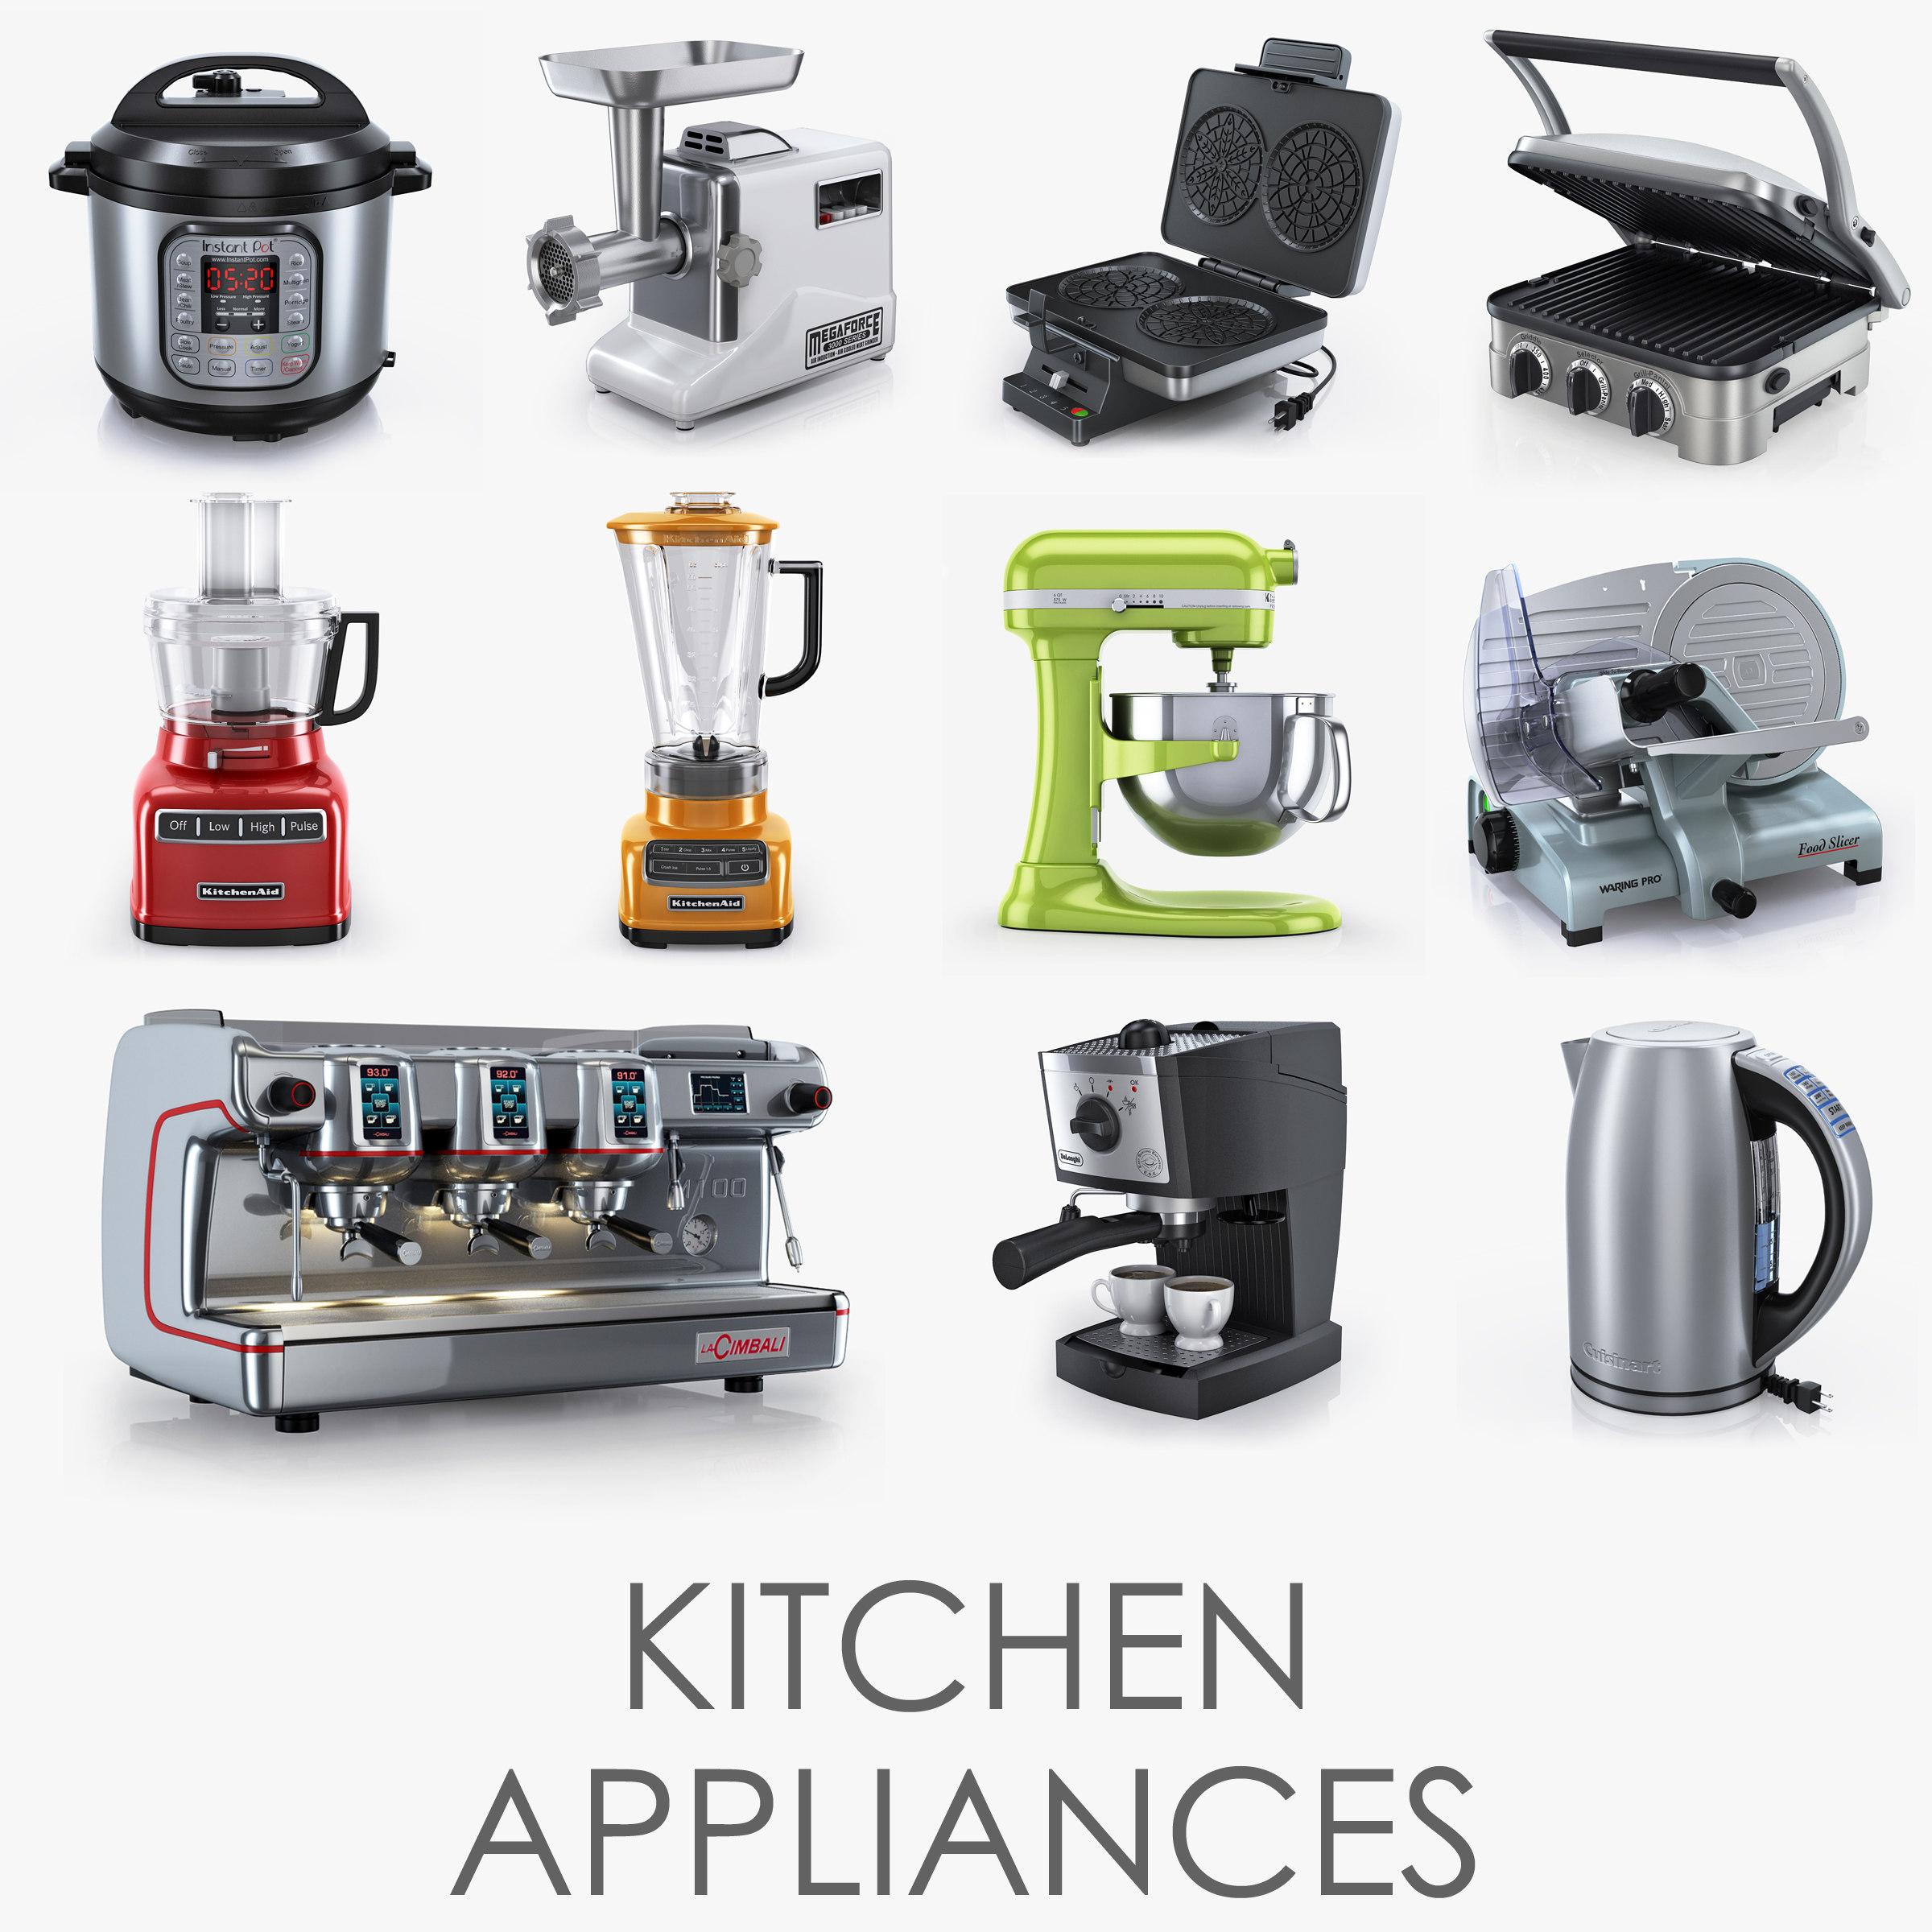 Kitchen_appliances_collection.jpg